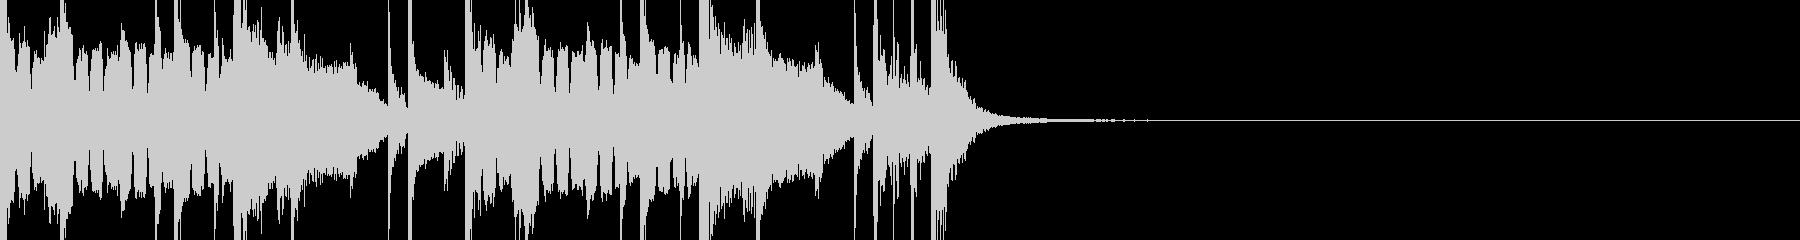 ジャズ風ジングルの未再生の波形